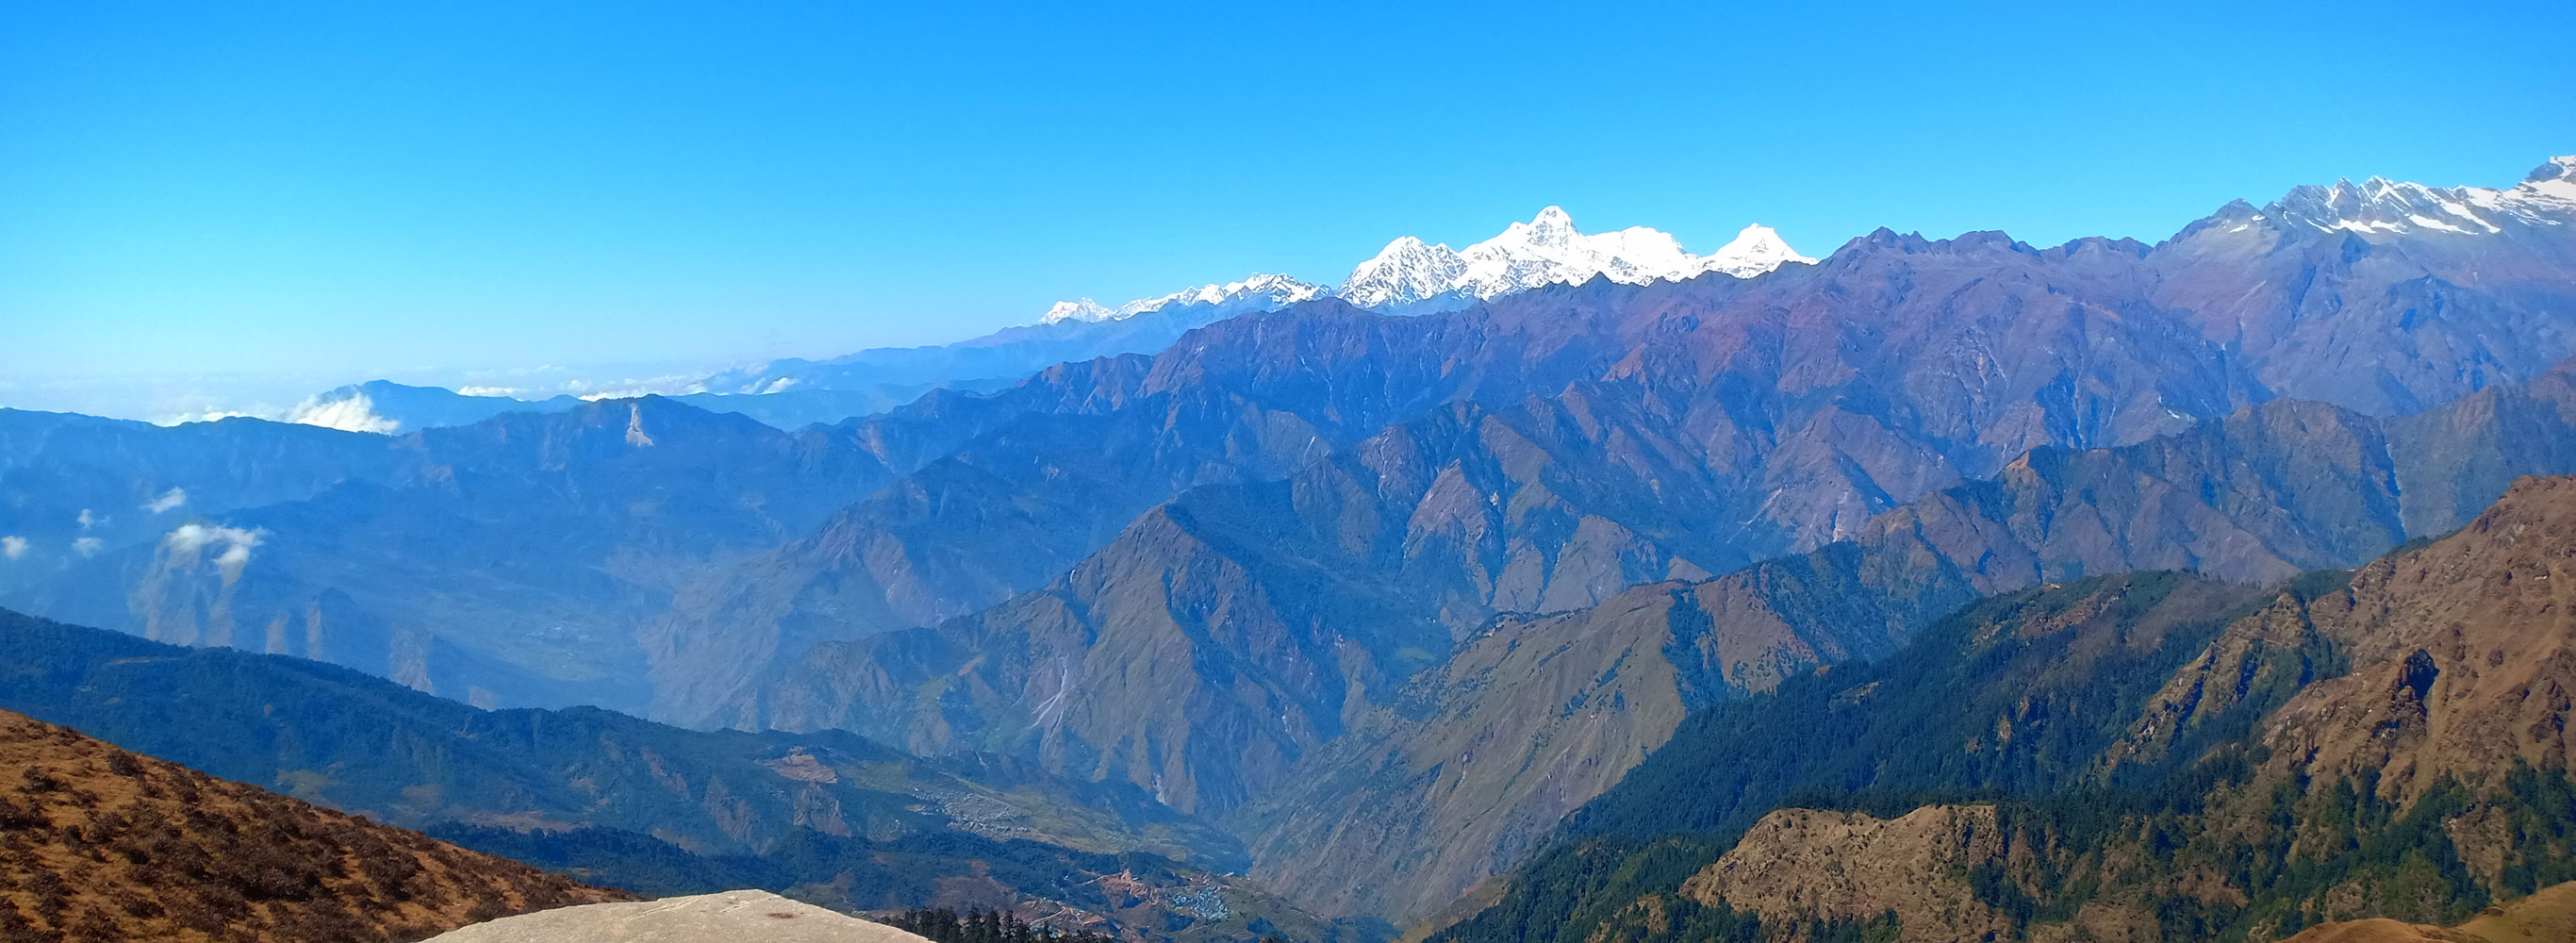 Ganesh Himal Trekking - 10 Days